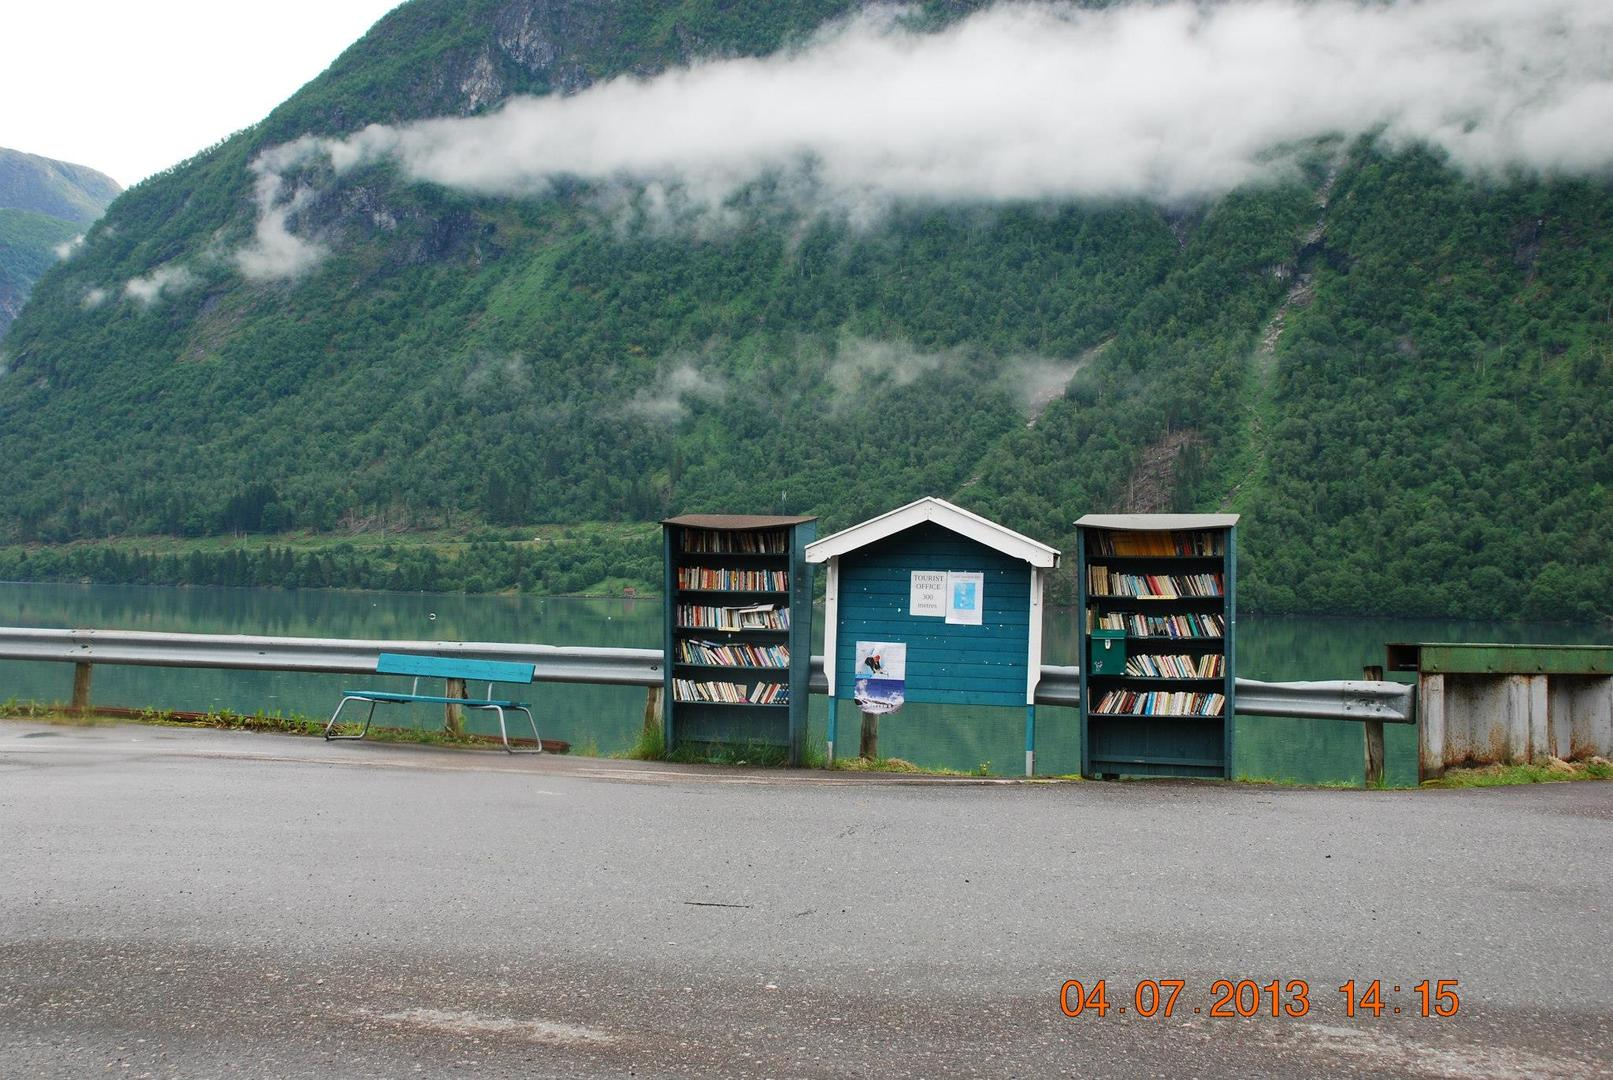 דוכני ספרים עם קופה לתשלום עצמאי